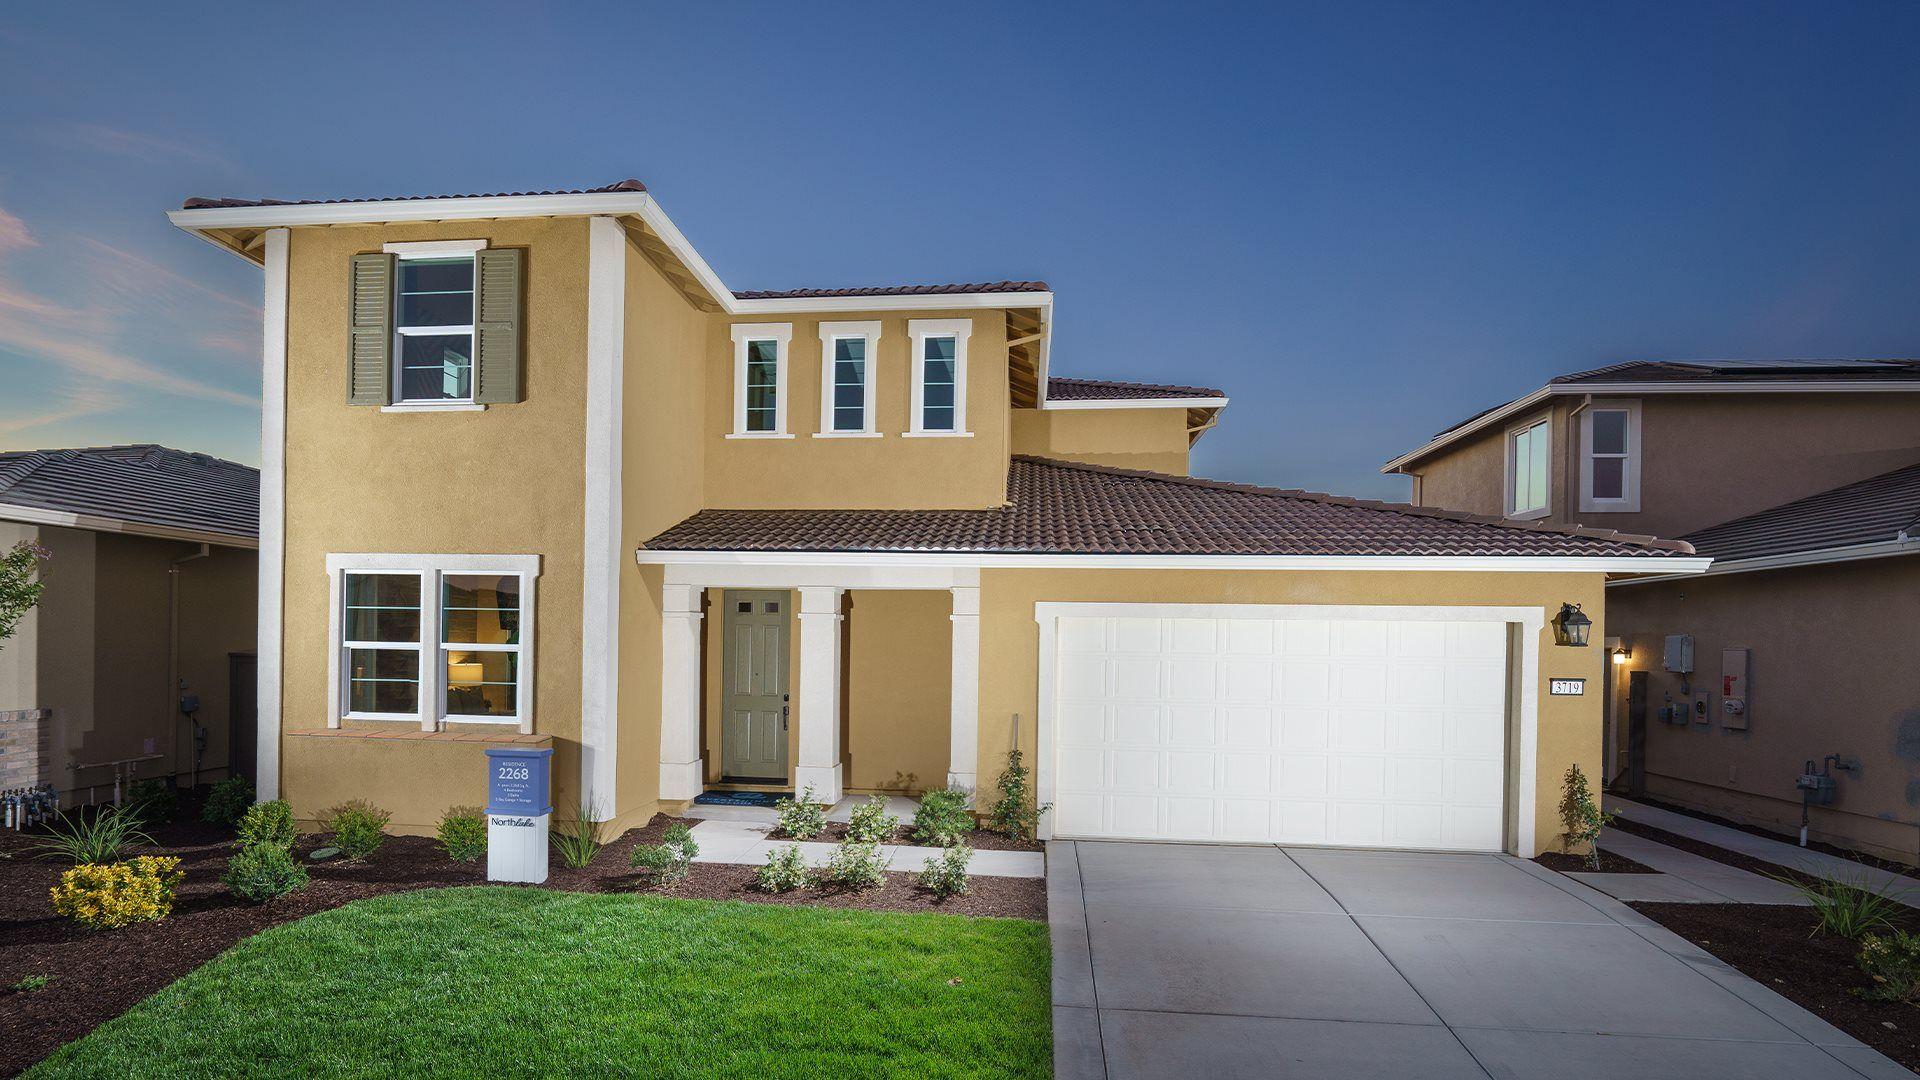 Residence 2268 | Model Home